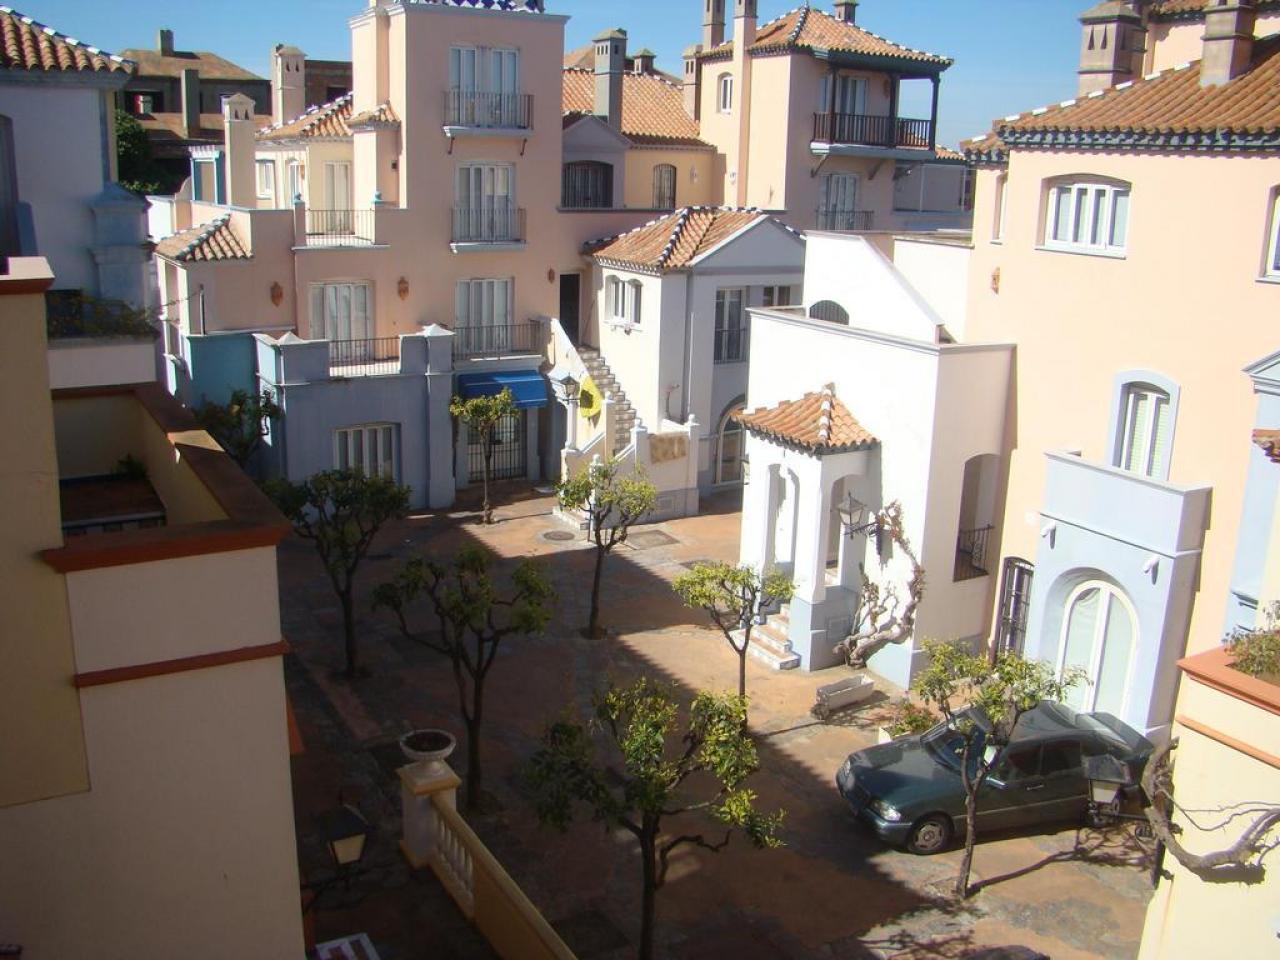 Apartamentos en alquiler El Puerto de Santa María, Cádiz